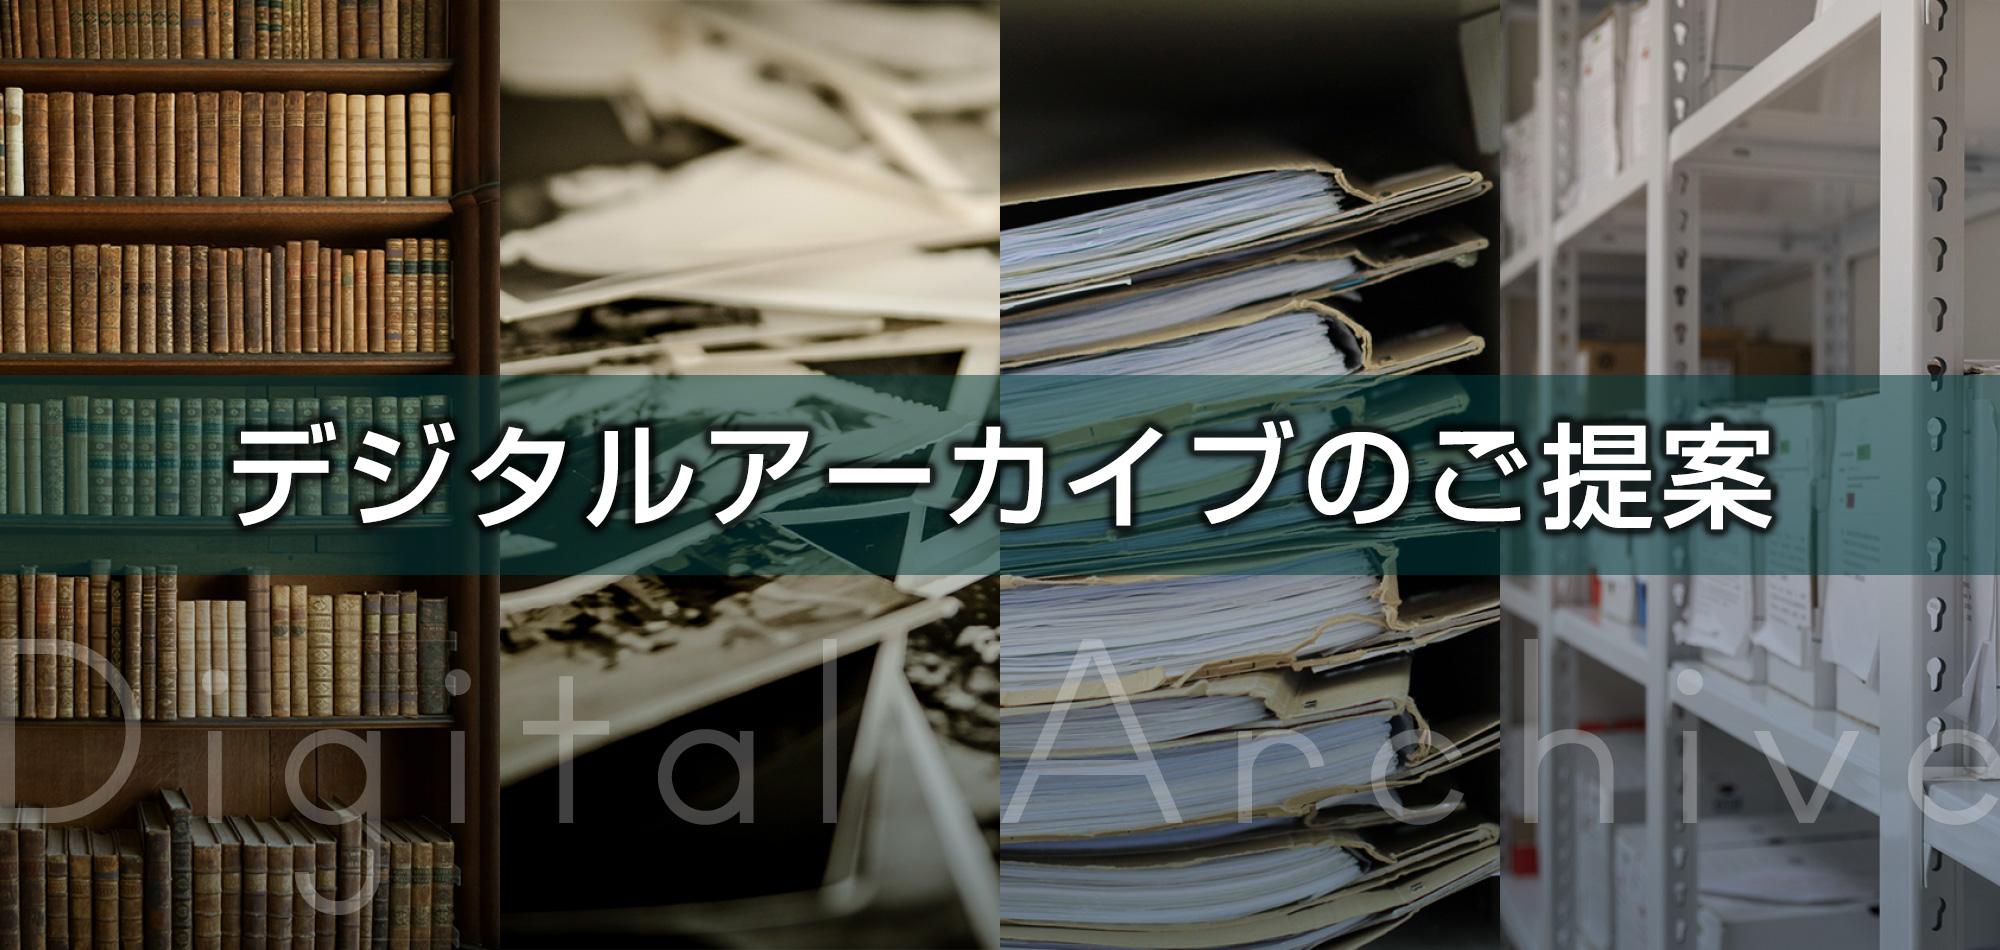 デジタルアーカイブ